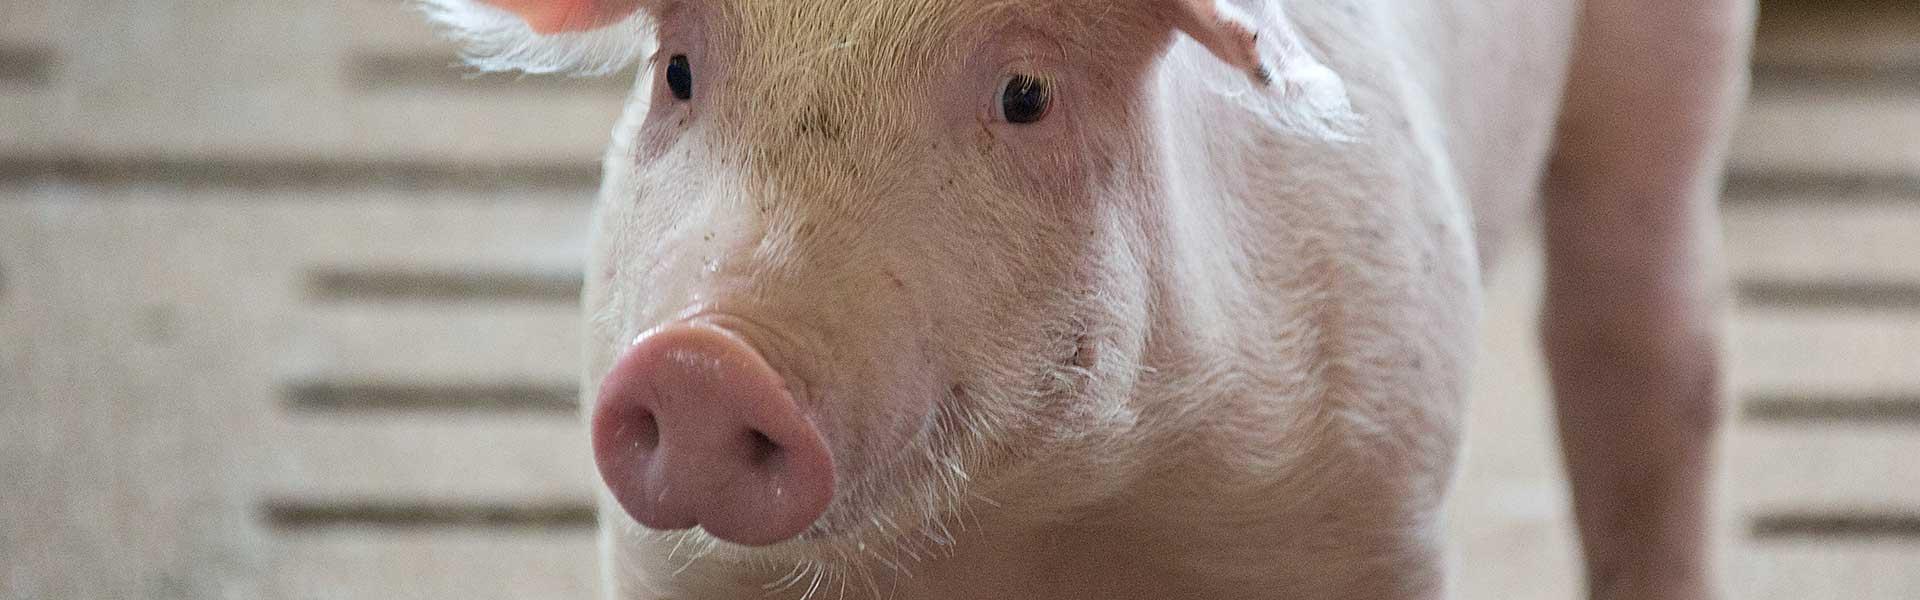 Landwirtschaft und Schweinezucht - Hagemann Dienste GmbH